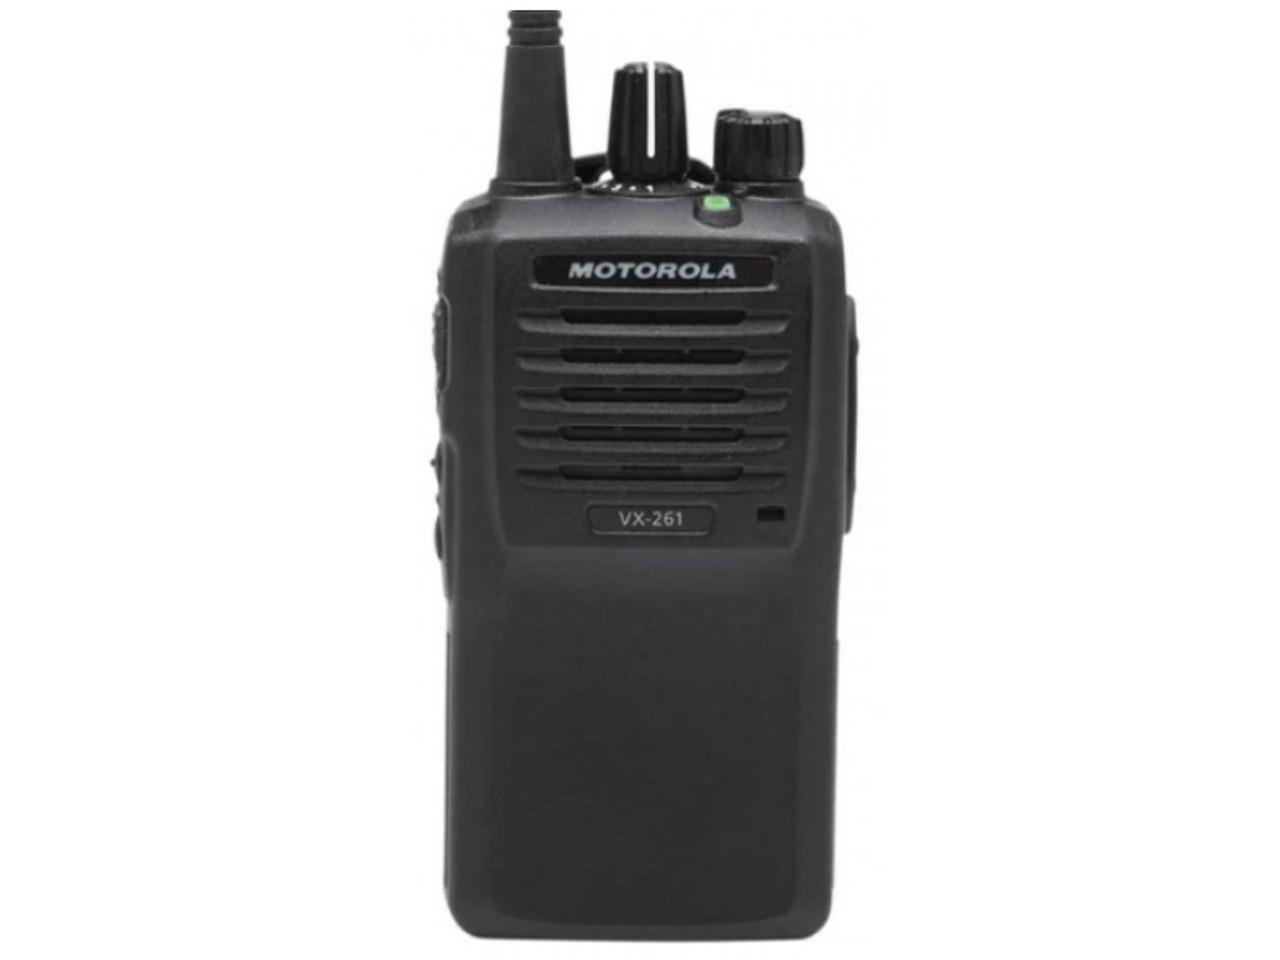 Vertex Standard VX-261 radio UHF 450-512MHz 5W 16Ch excellent condition